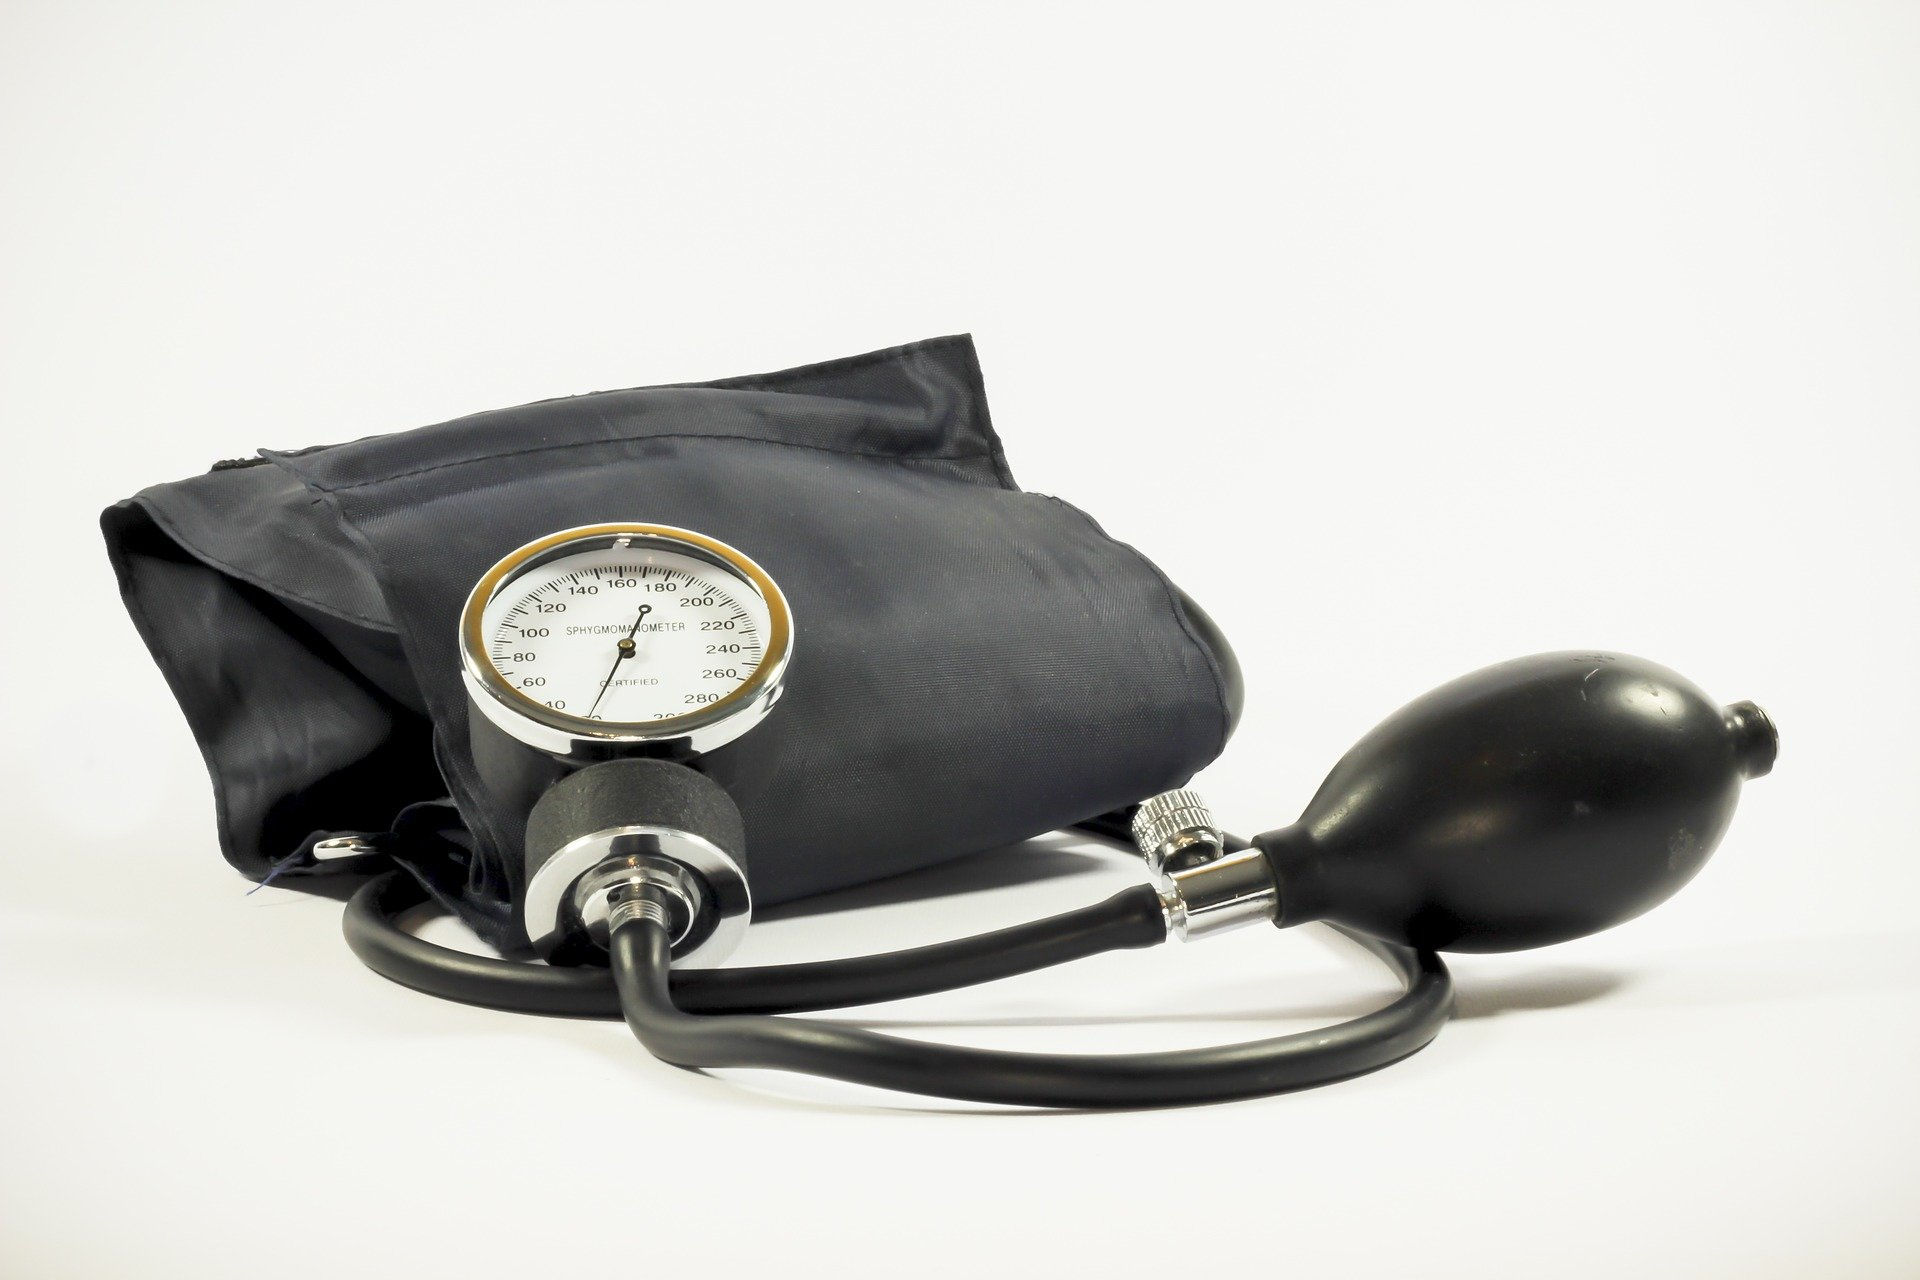 По данным ВОЗ, сердечно-сосудистые болезни - причина 31% всех смертей в мире. 85% из них вызваны инфарктами и инсультами